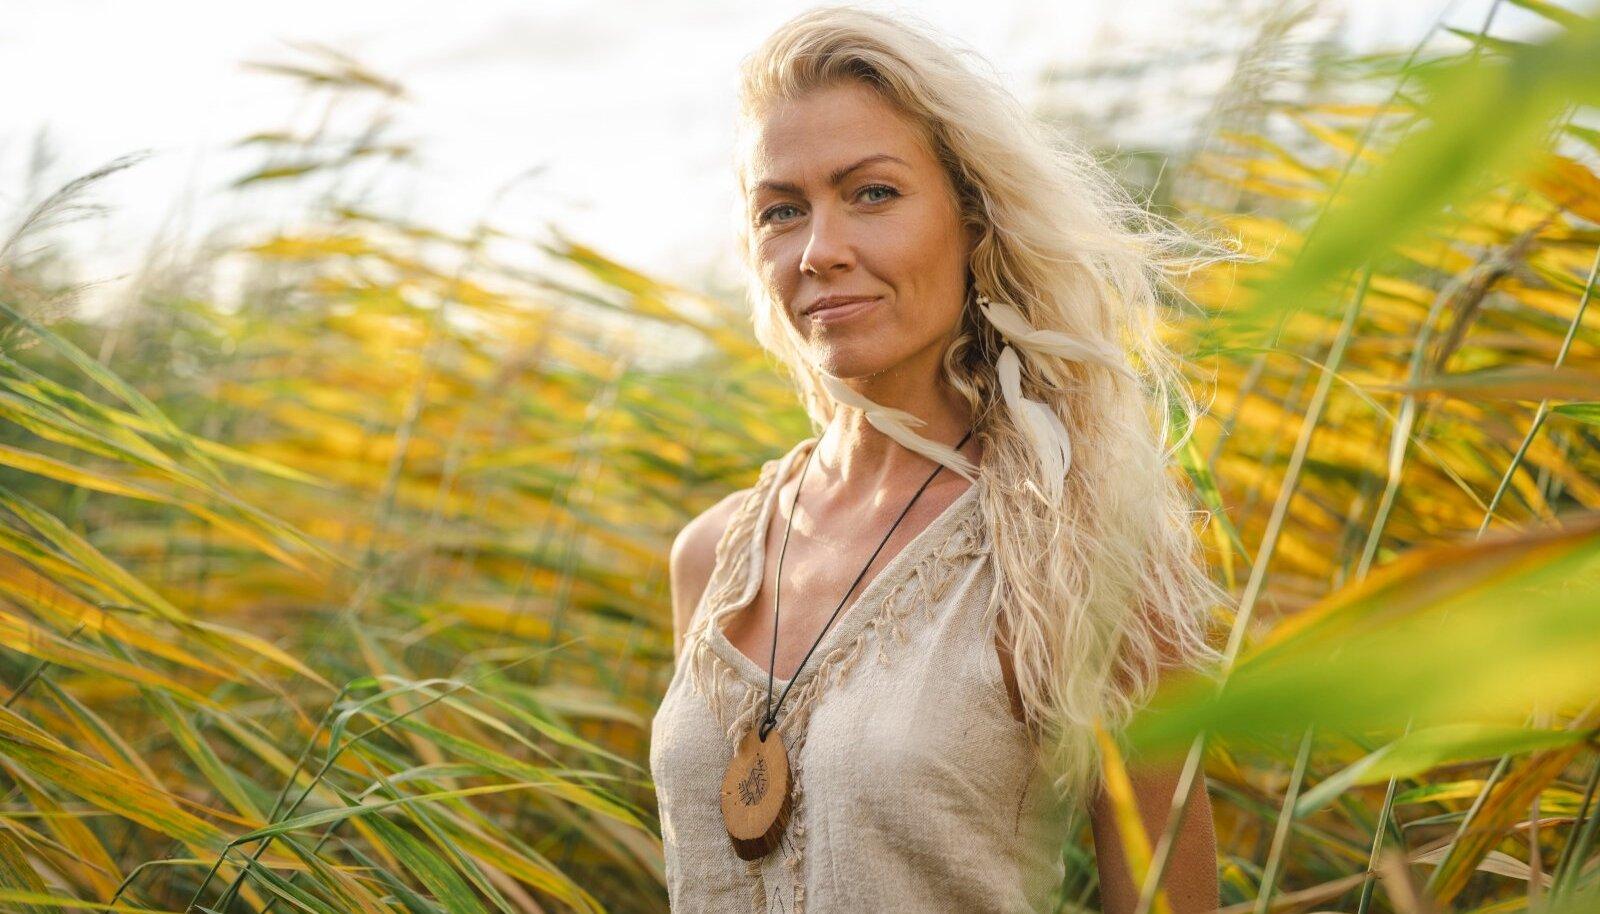 Holistiline toitumisnõustaja Ingrid Joya Tsirel õpetab vahet tegema emotsionaalsel ja füüsilisel näljal.